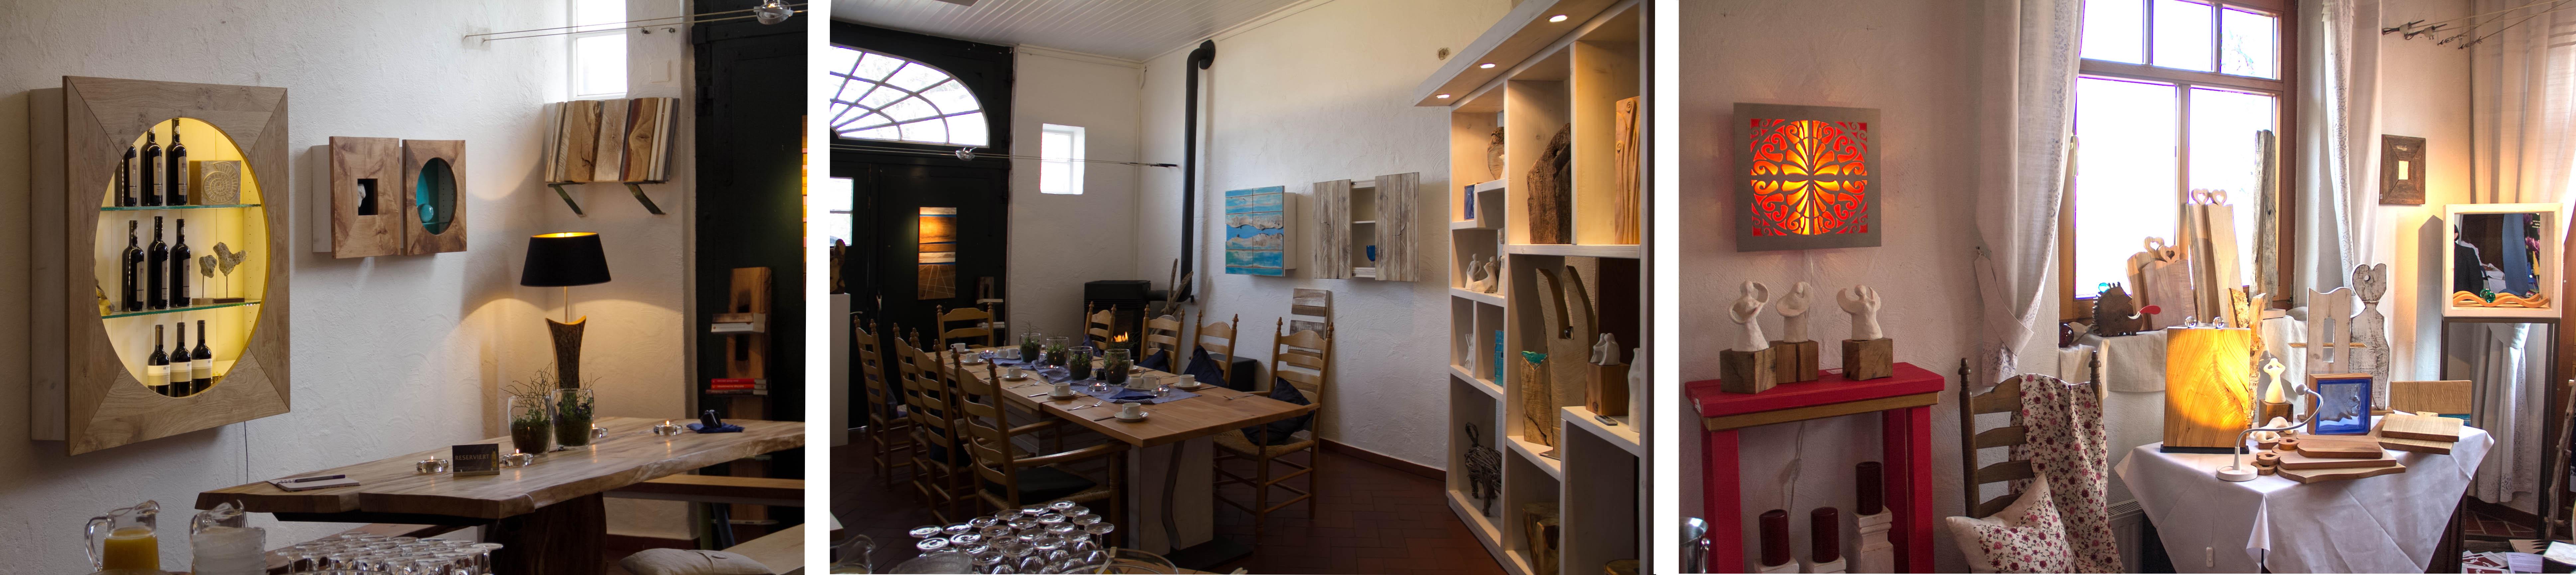 Restaurant und Café Wehebrink